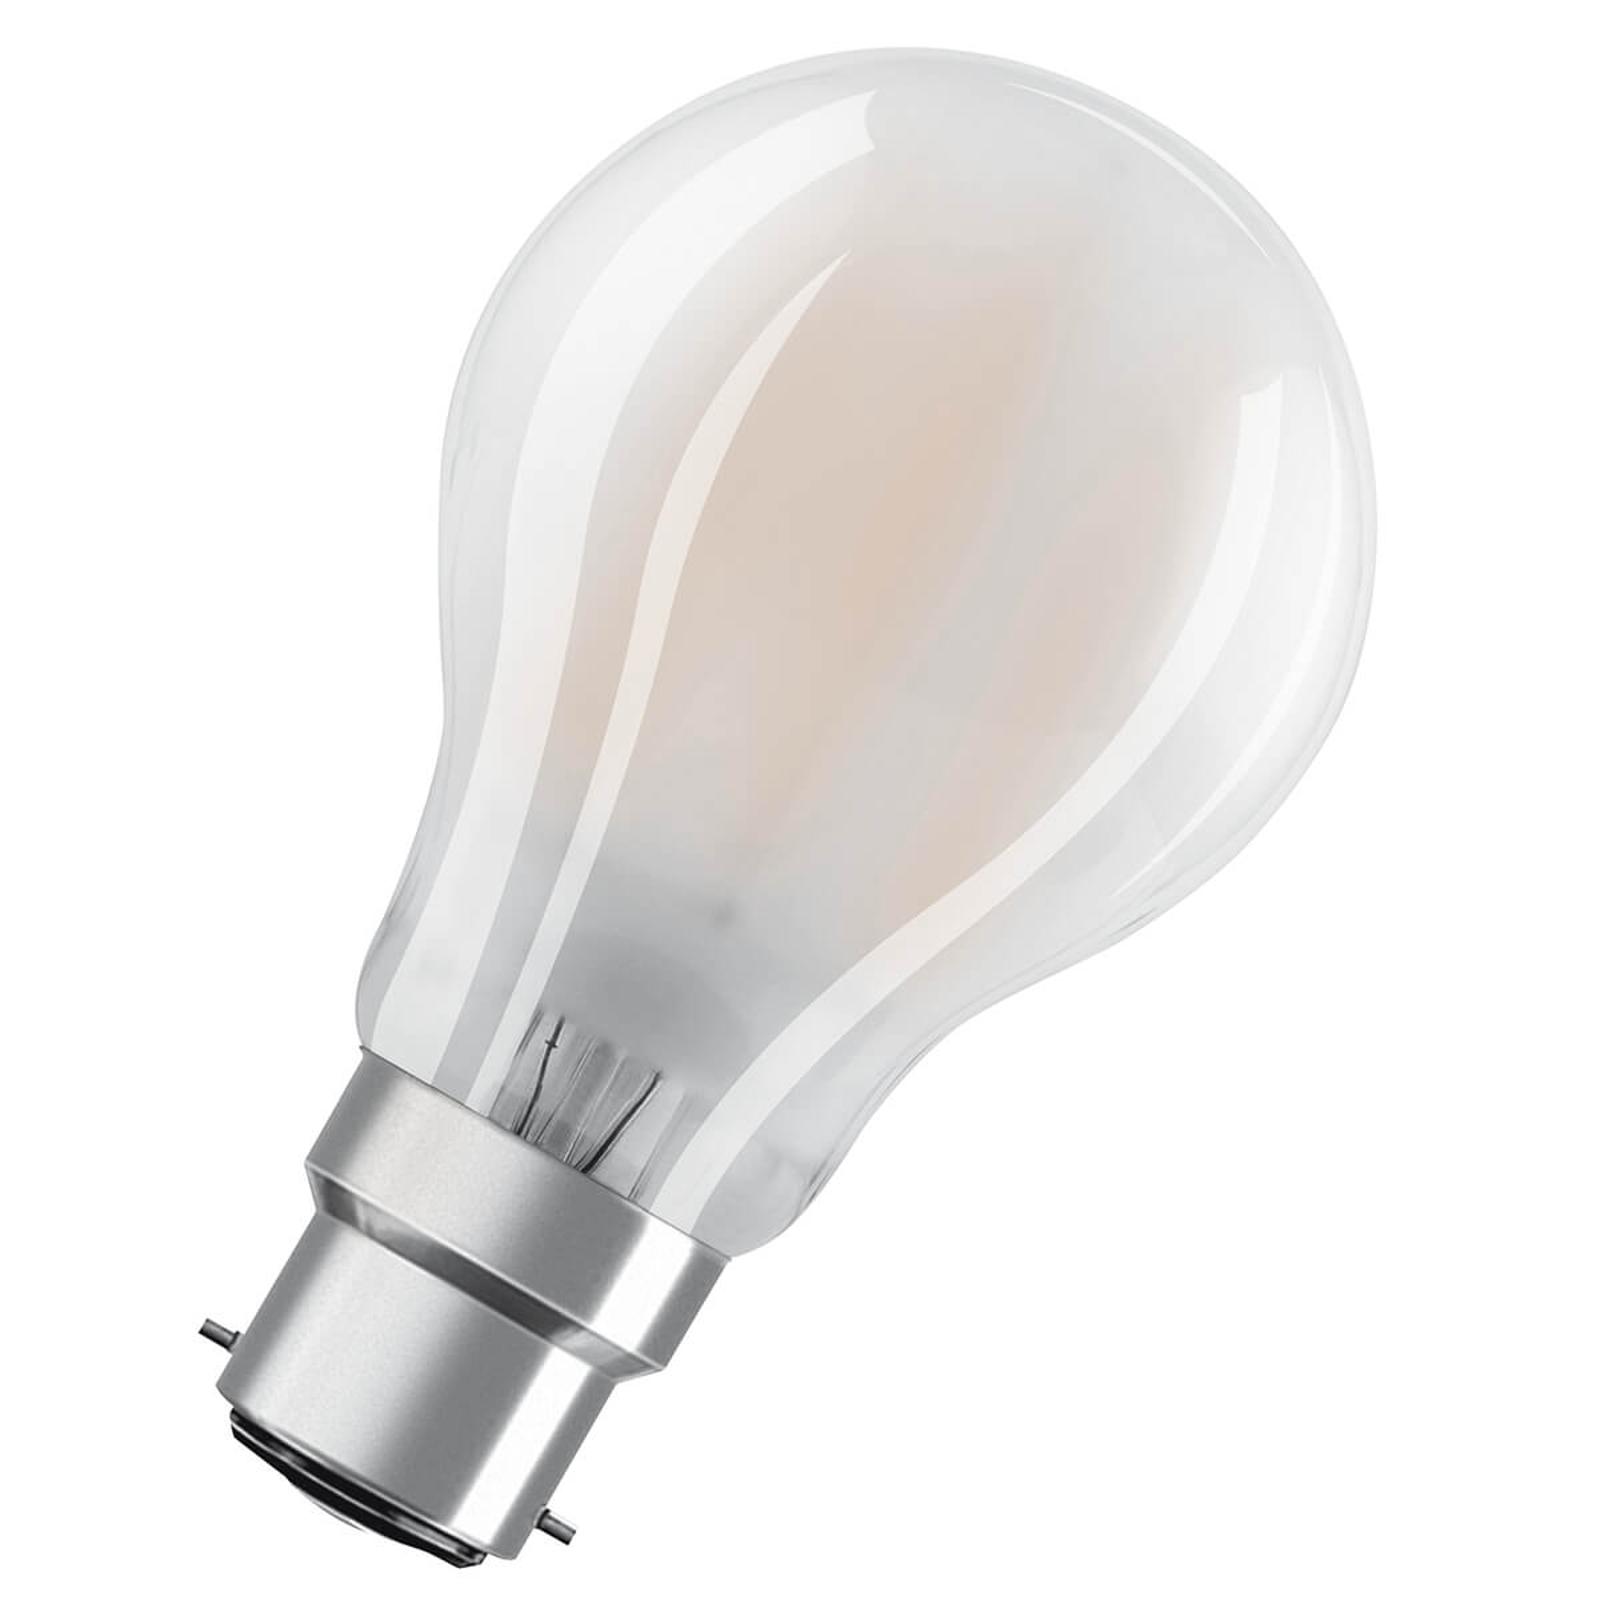 LED-Lampe B22d 4W, warmweiß, 470 Lumen